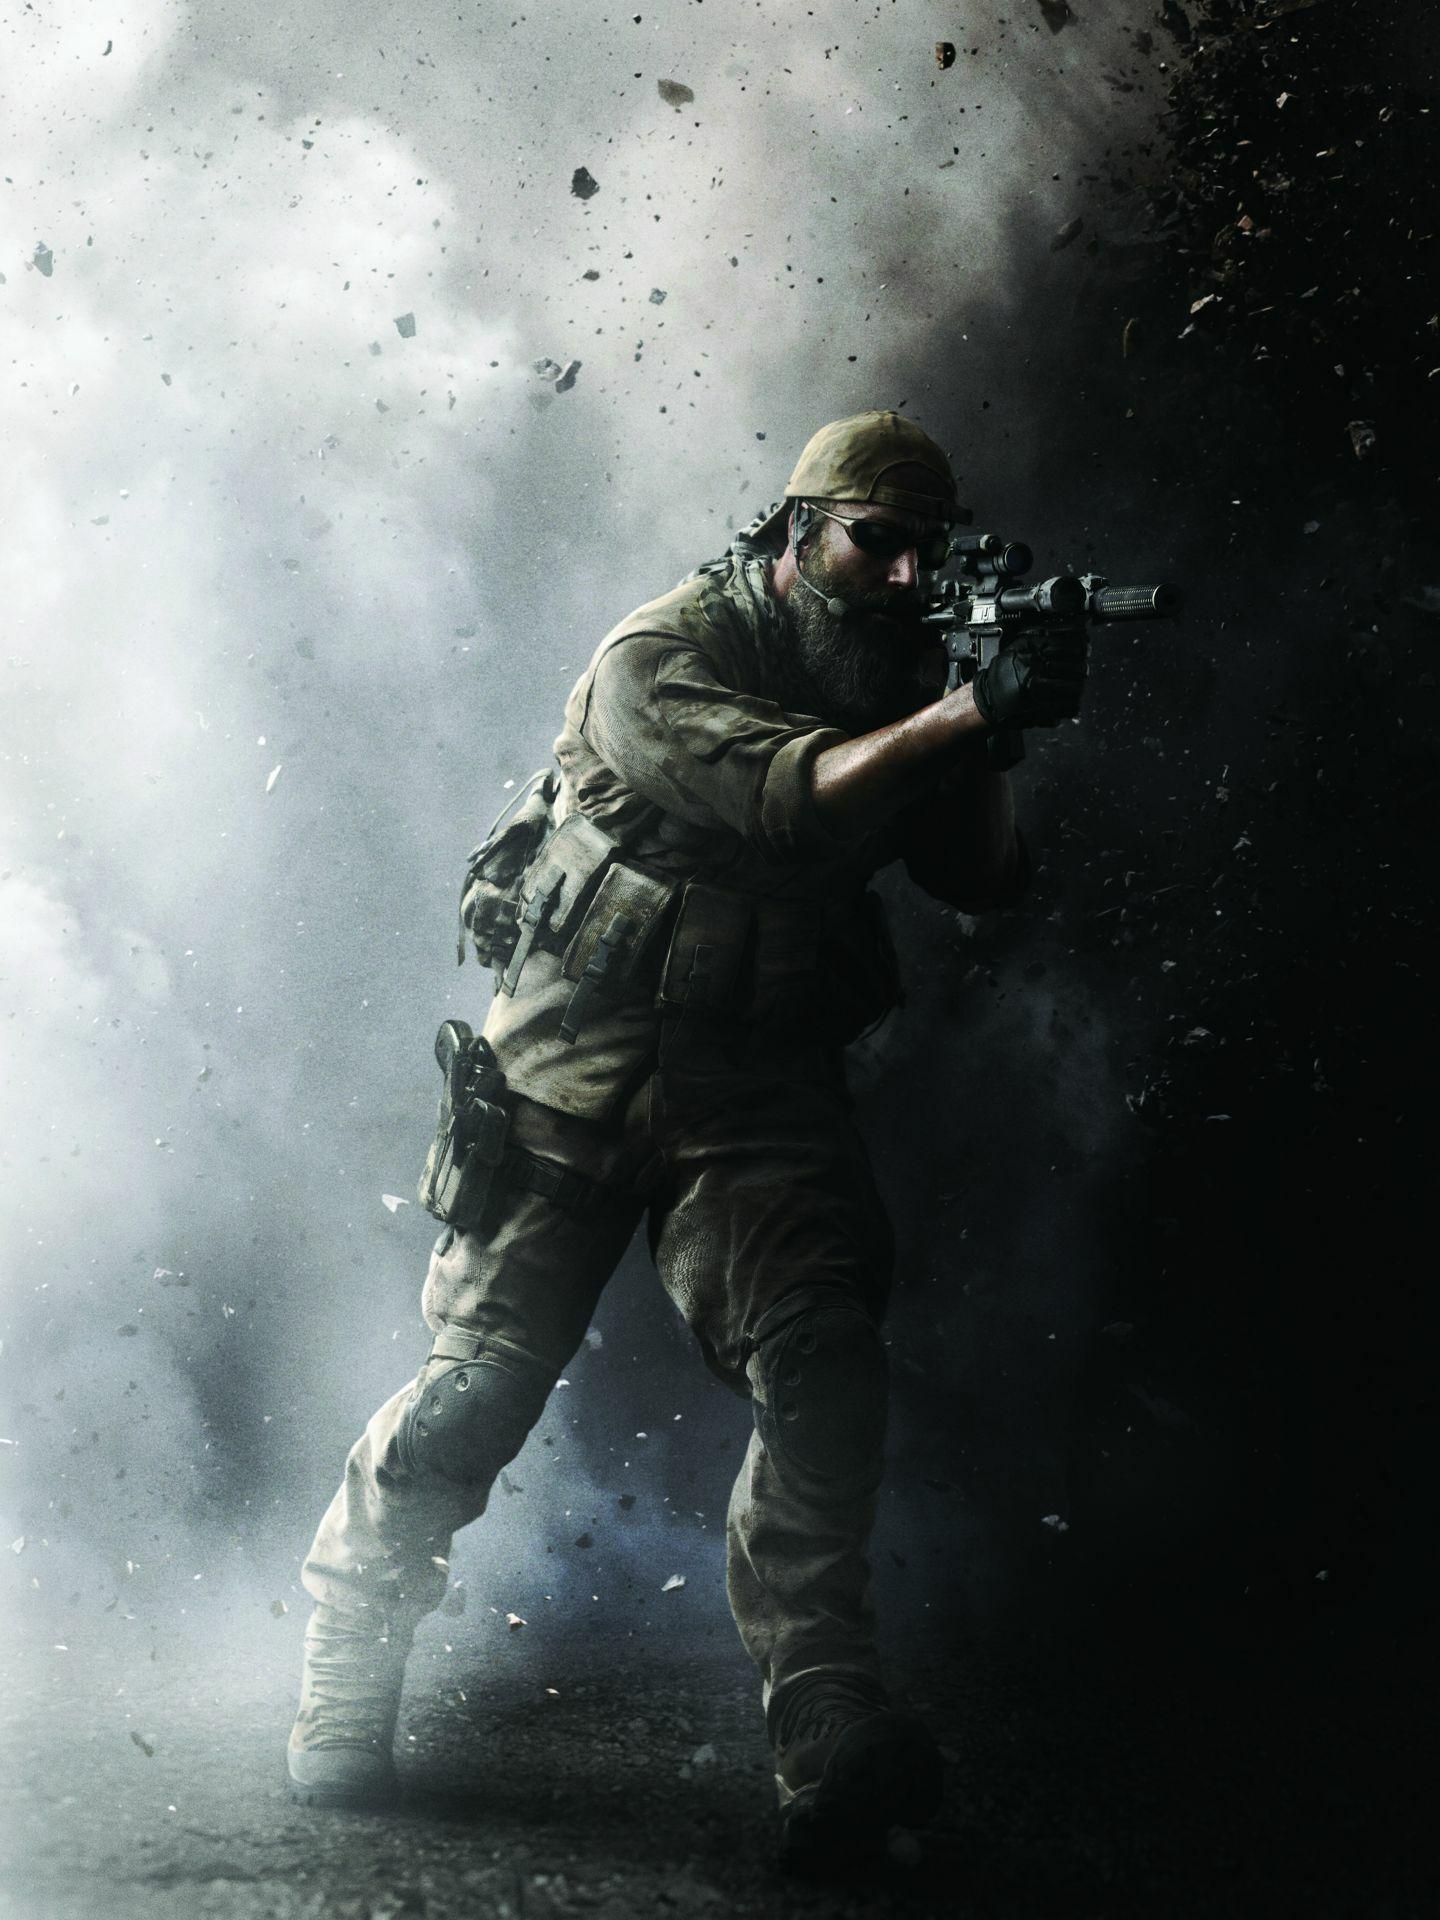 TodoJuegos Screen Shots > Play Station 3 > Medal of Honor